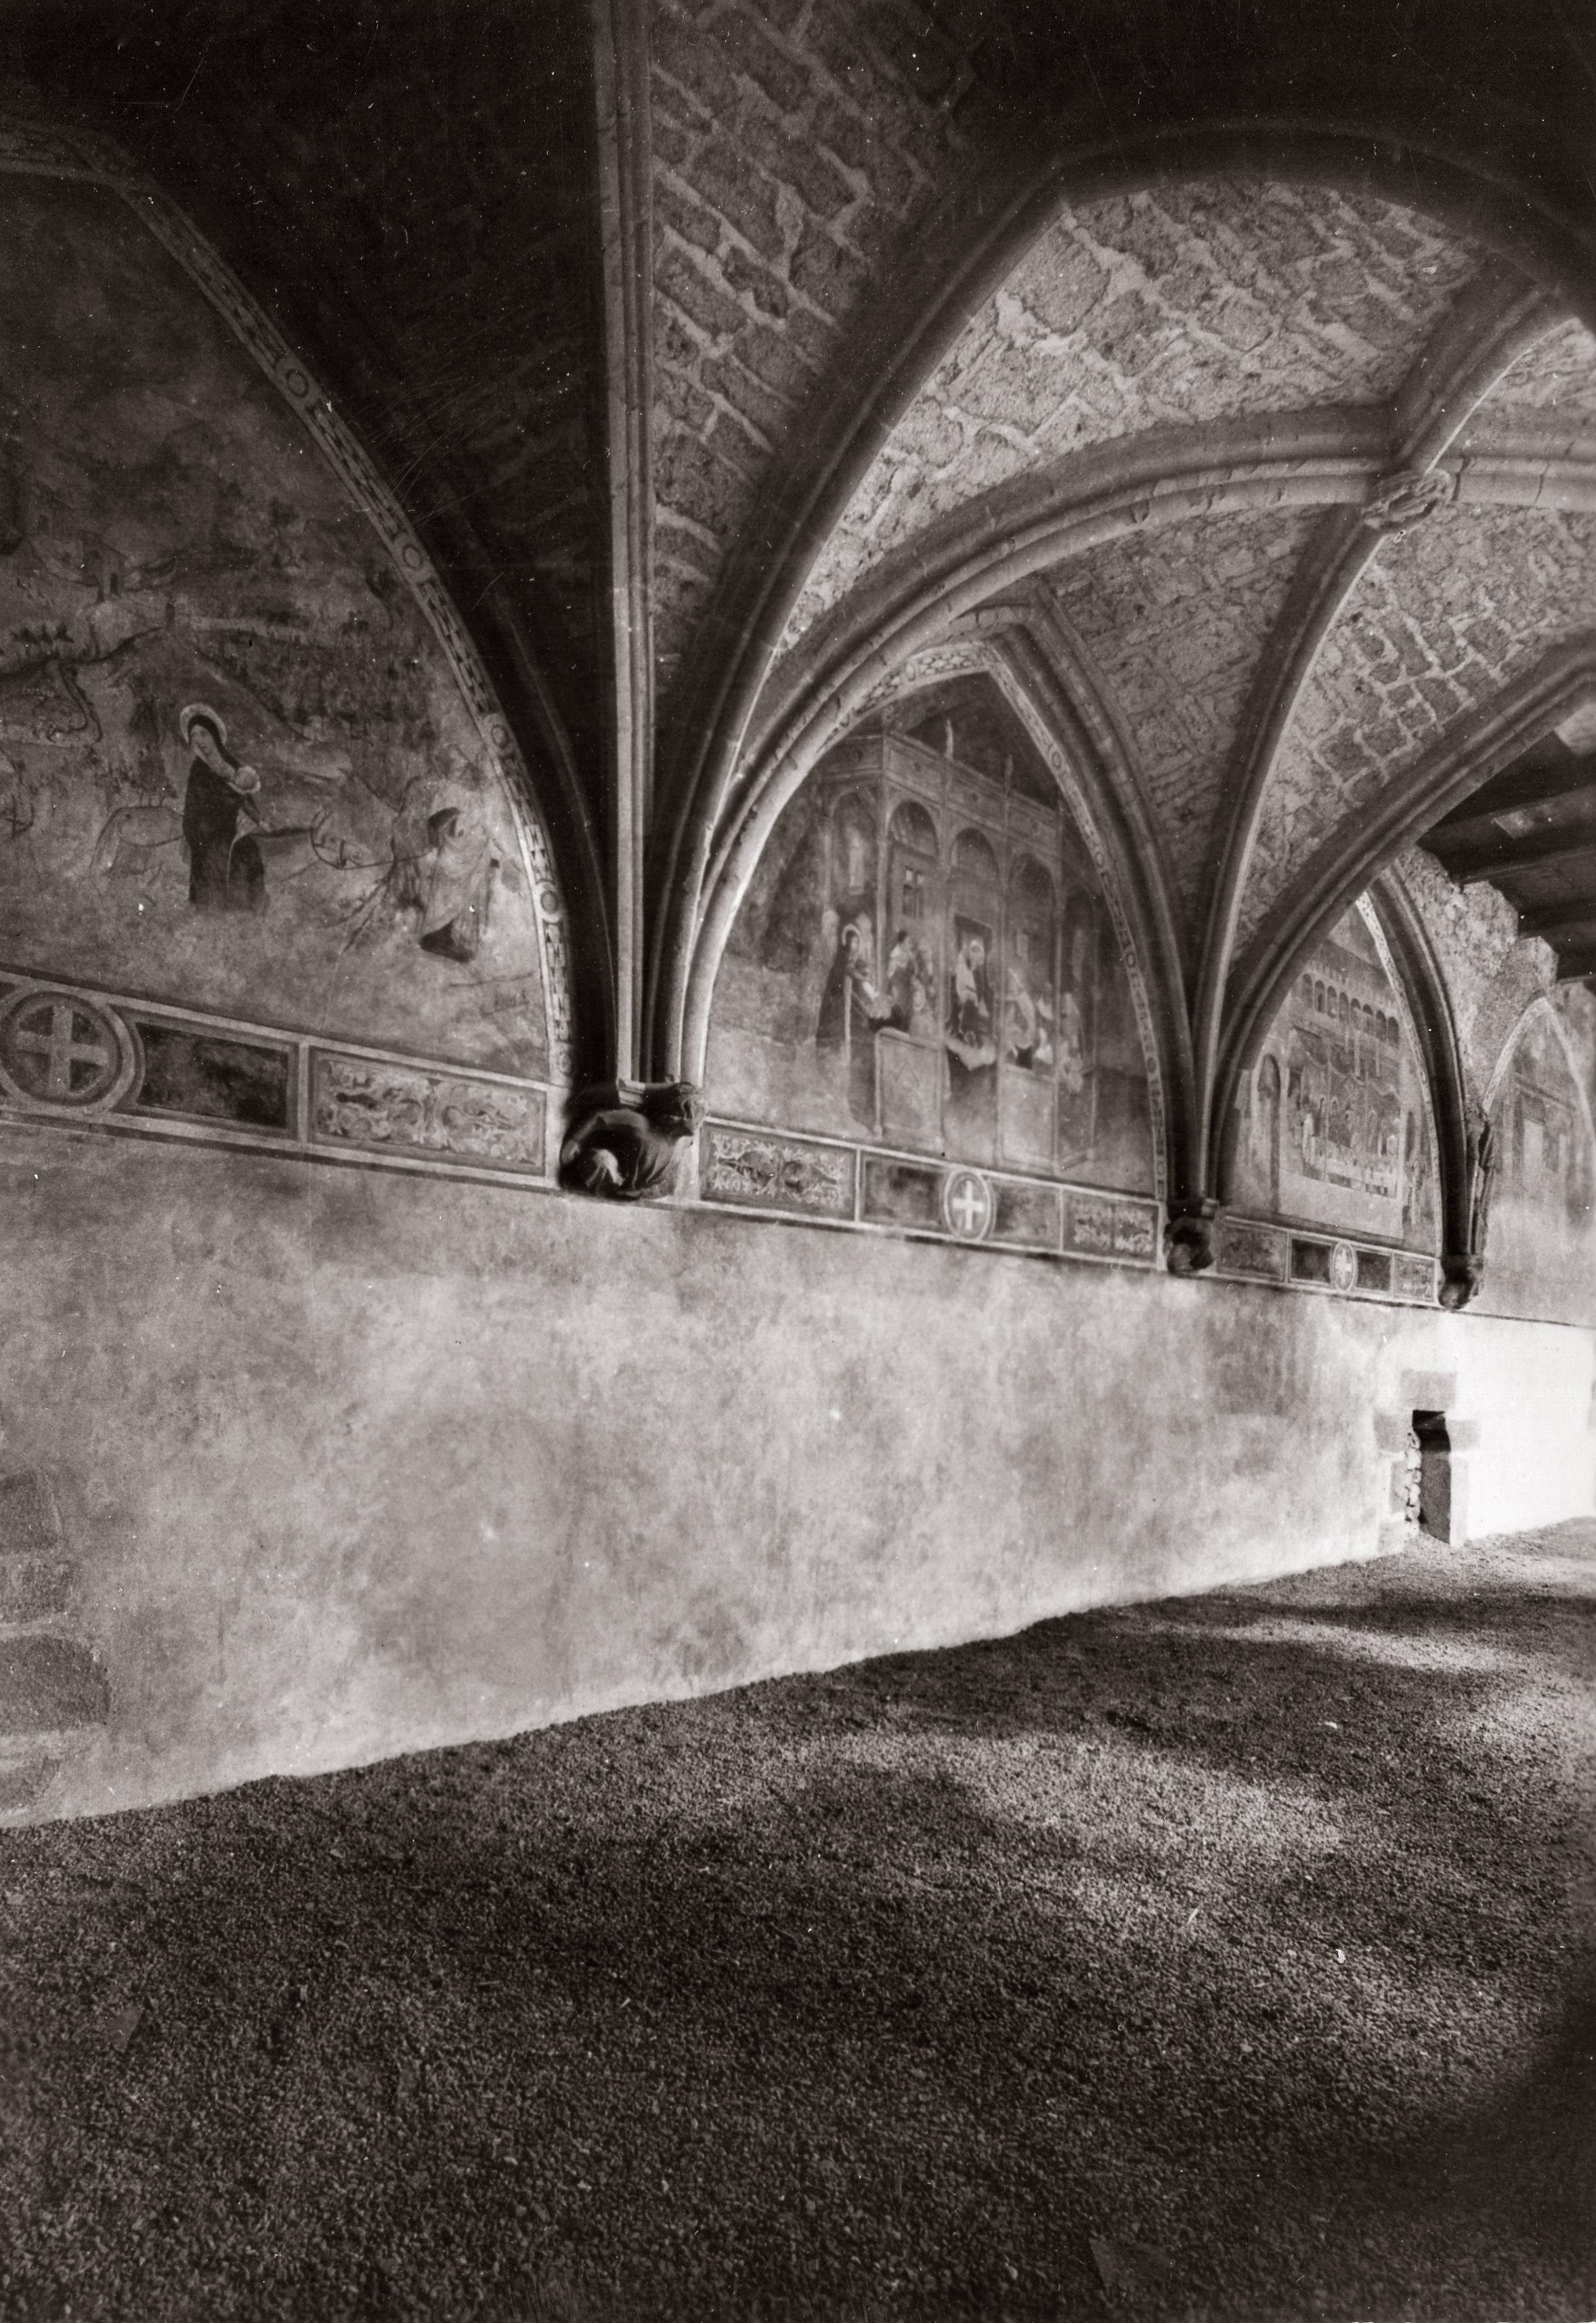 Abondance Abbey